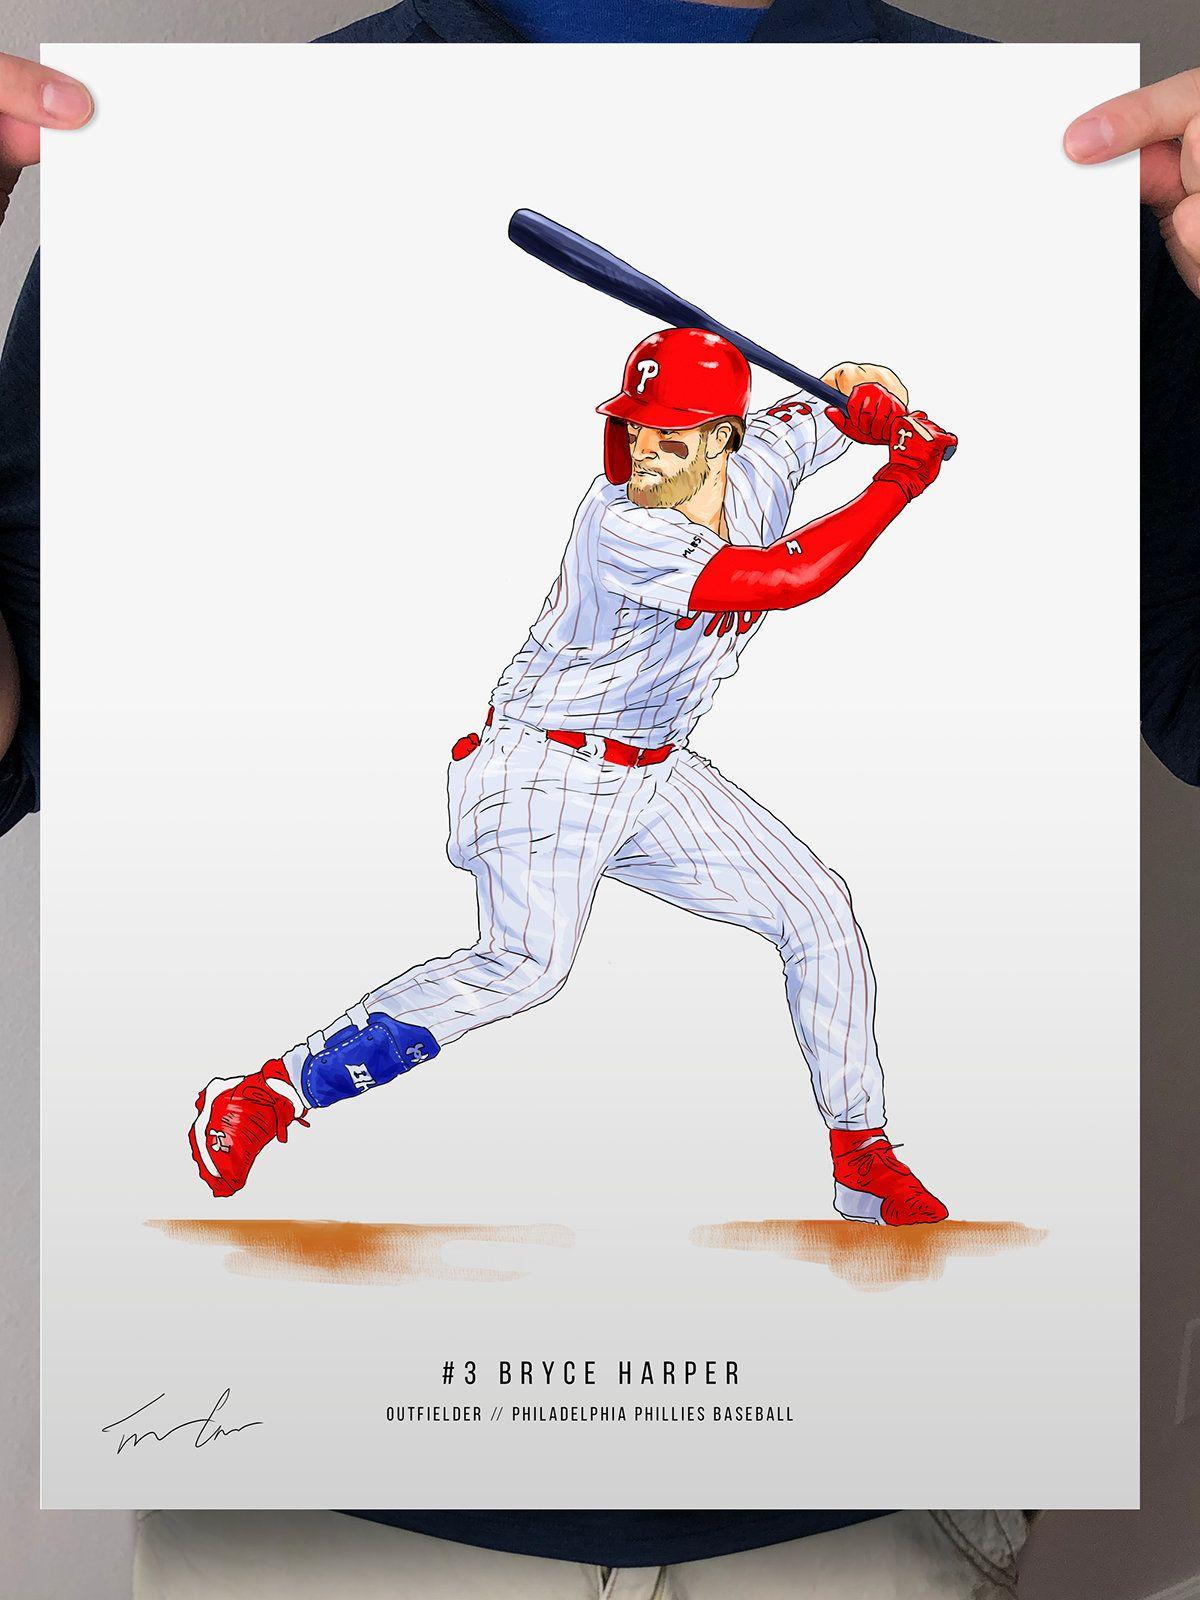 Bryce Harper Philadelphia Phillies Baseball Illustrated Print Etsy In 2021 Philadelphia Phillies Baseball Philadelphia Phillies Phillies Baseball